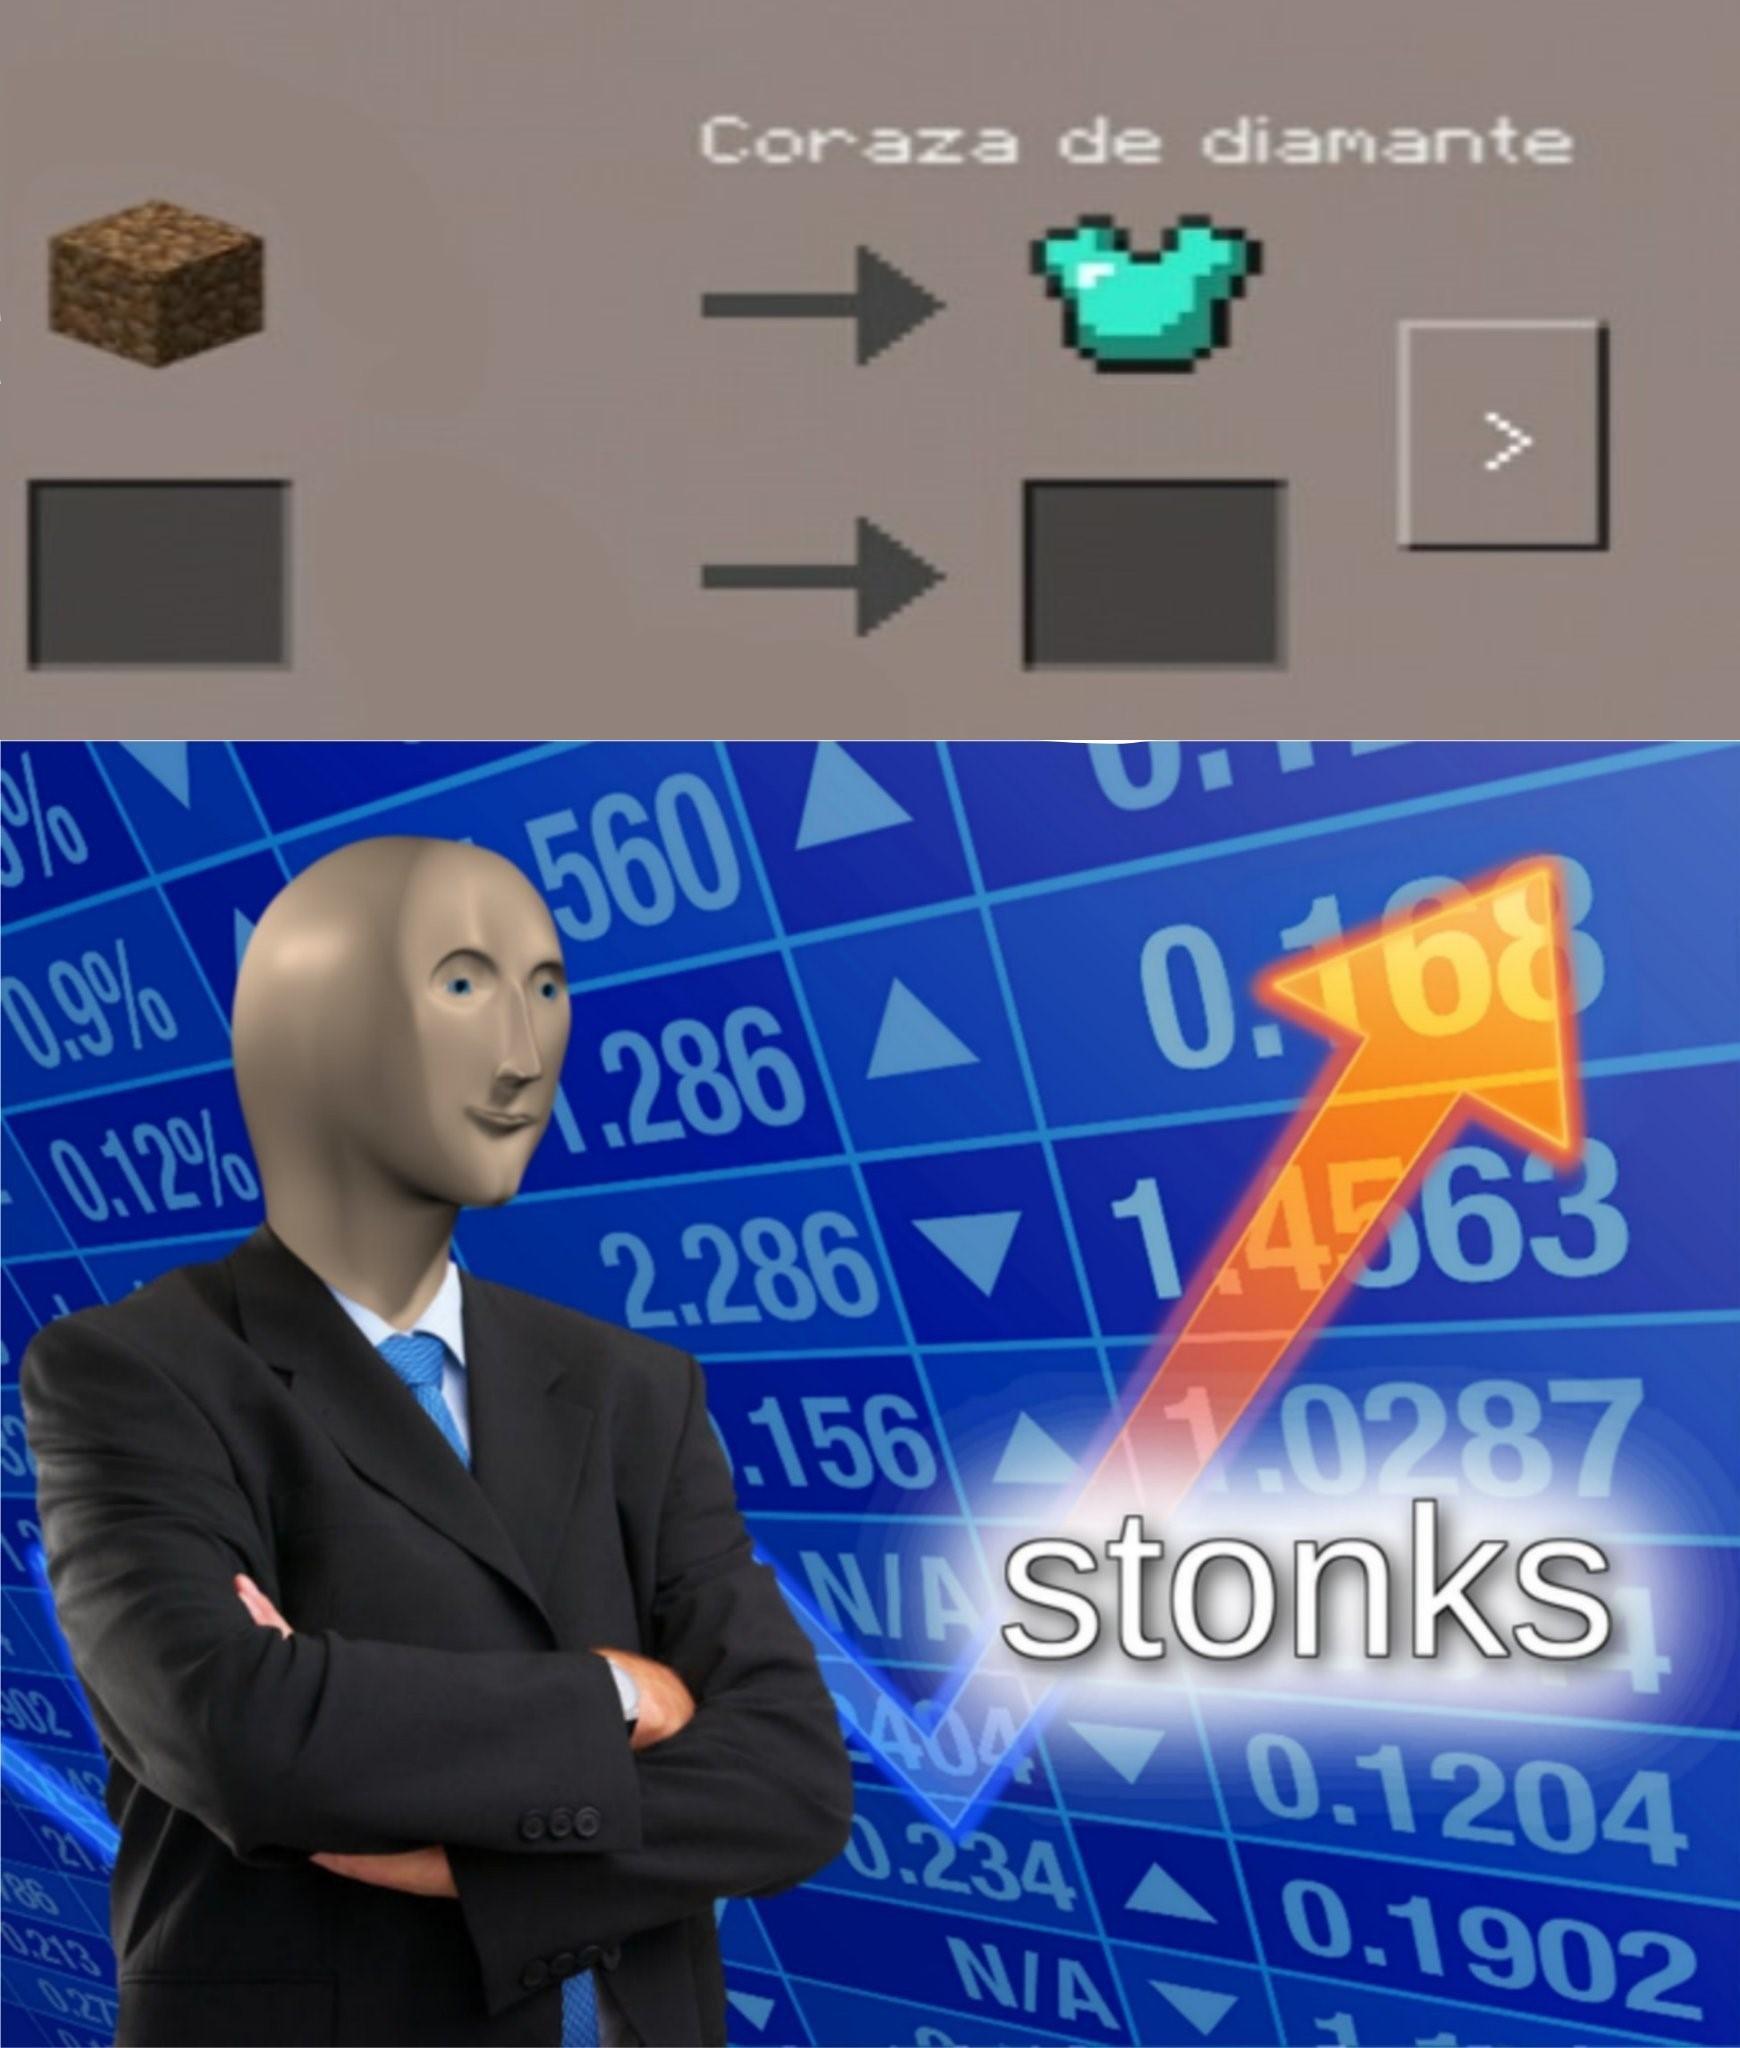 otro meme de minecraft mas xd